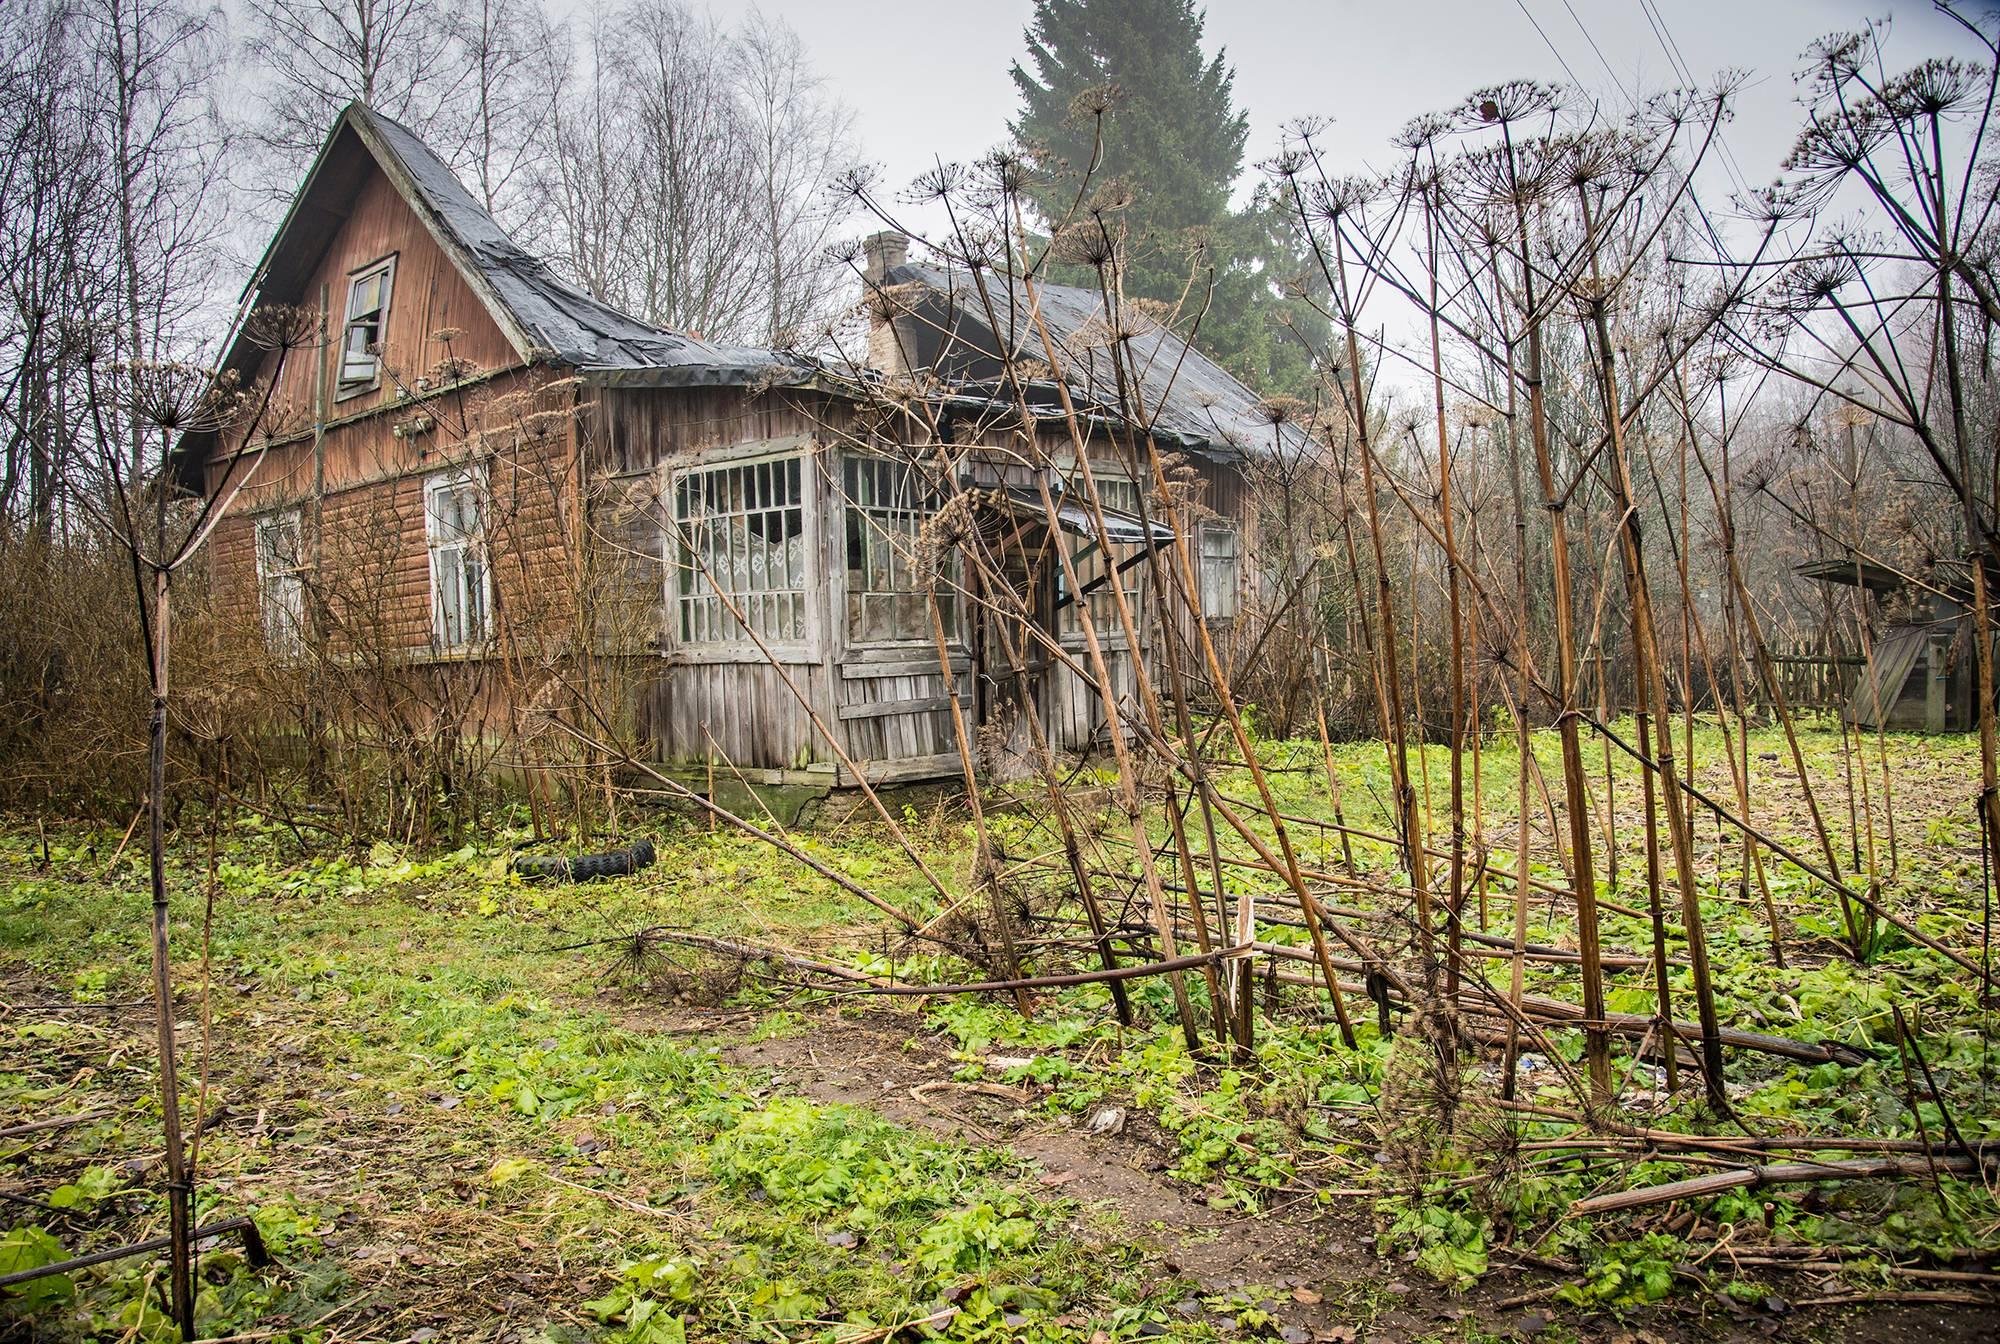 Suokkaan talo Joutselässä on romahtanut.